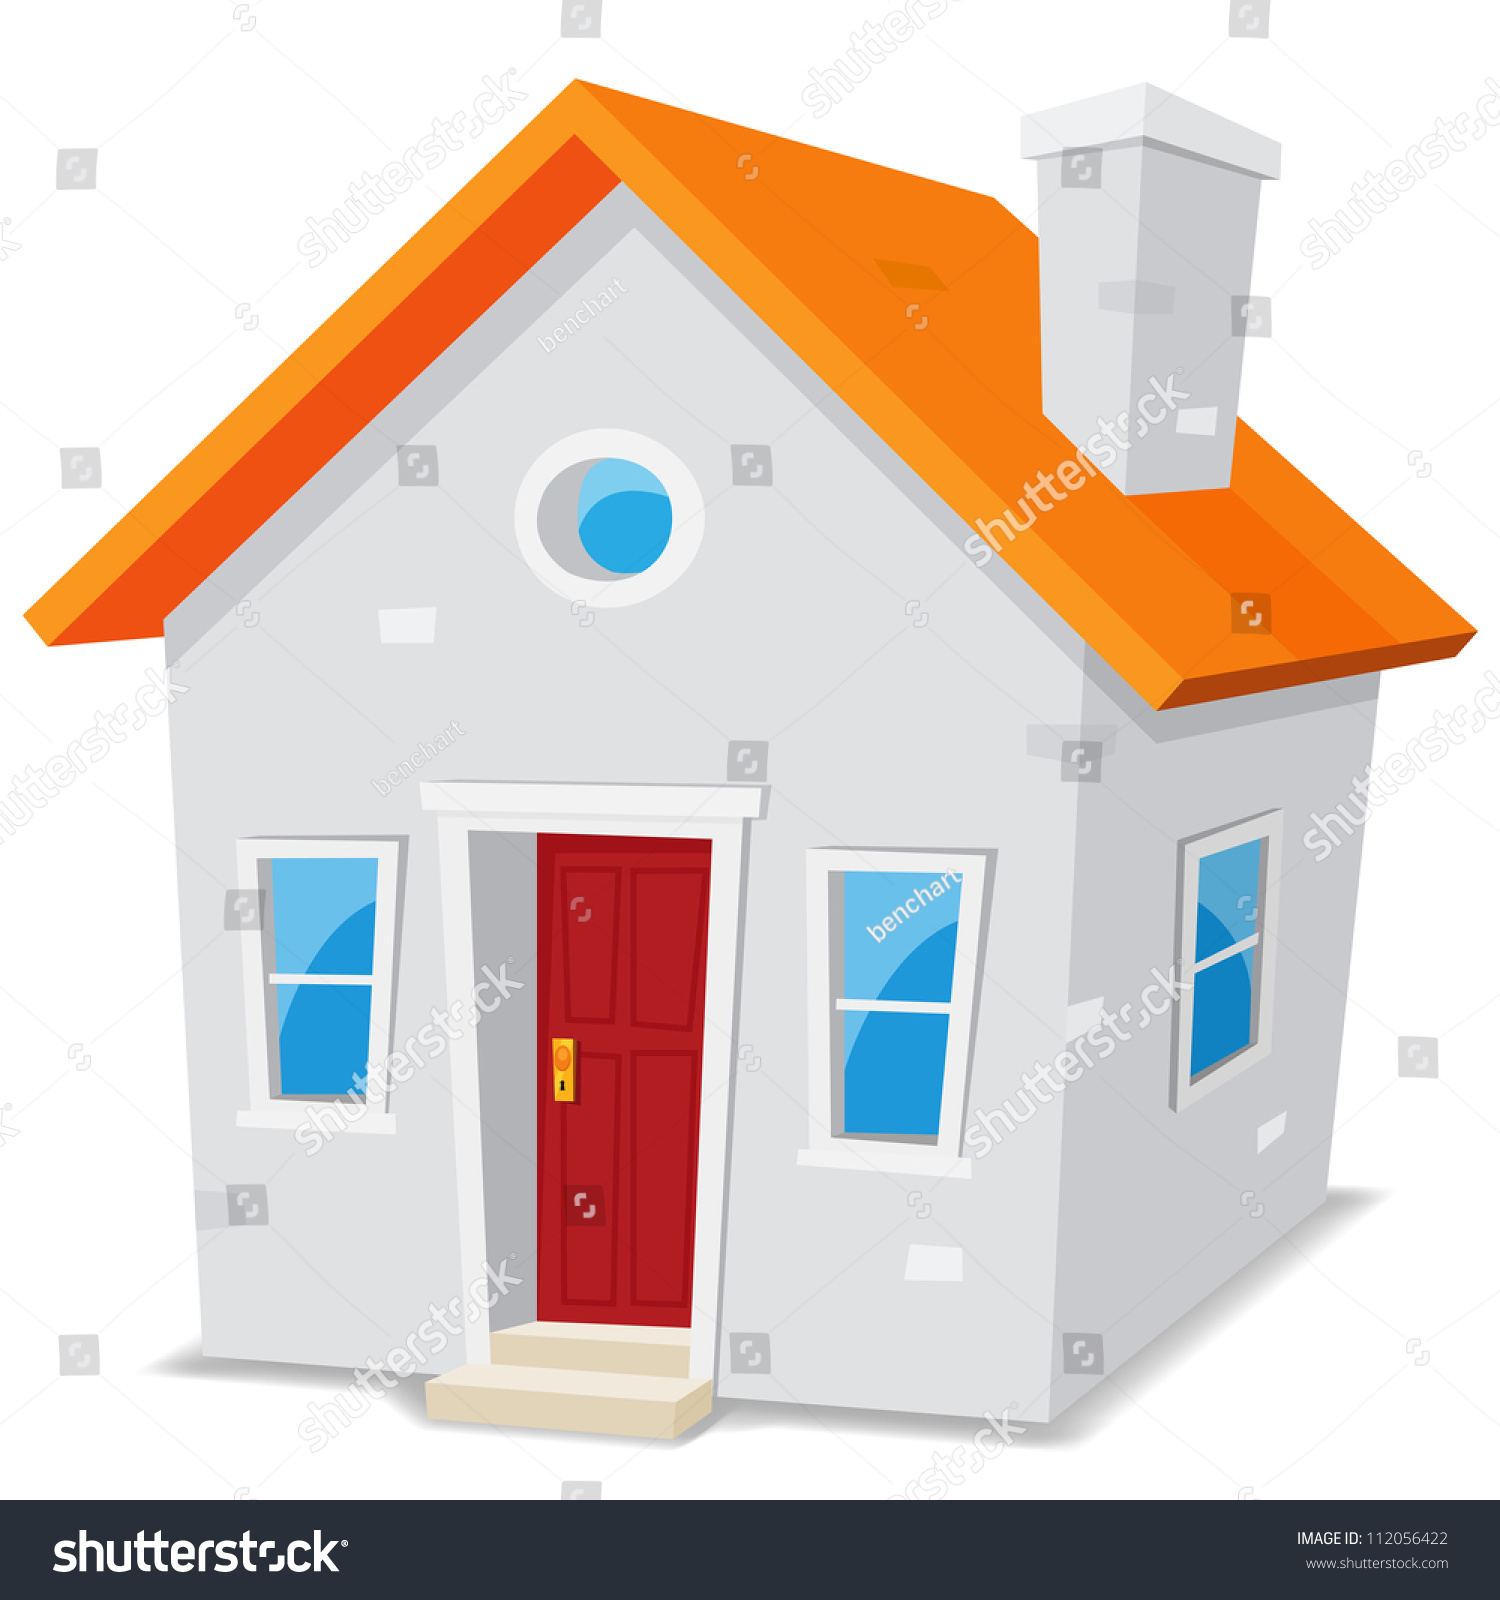 小房子/插图漫画简单的白色背景上的小房子里-建筑物